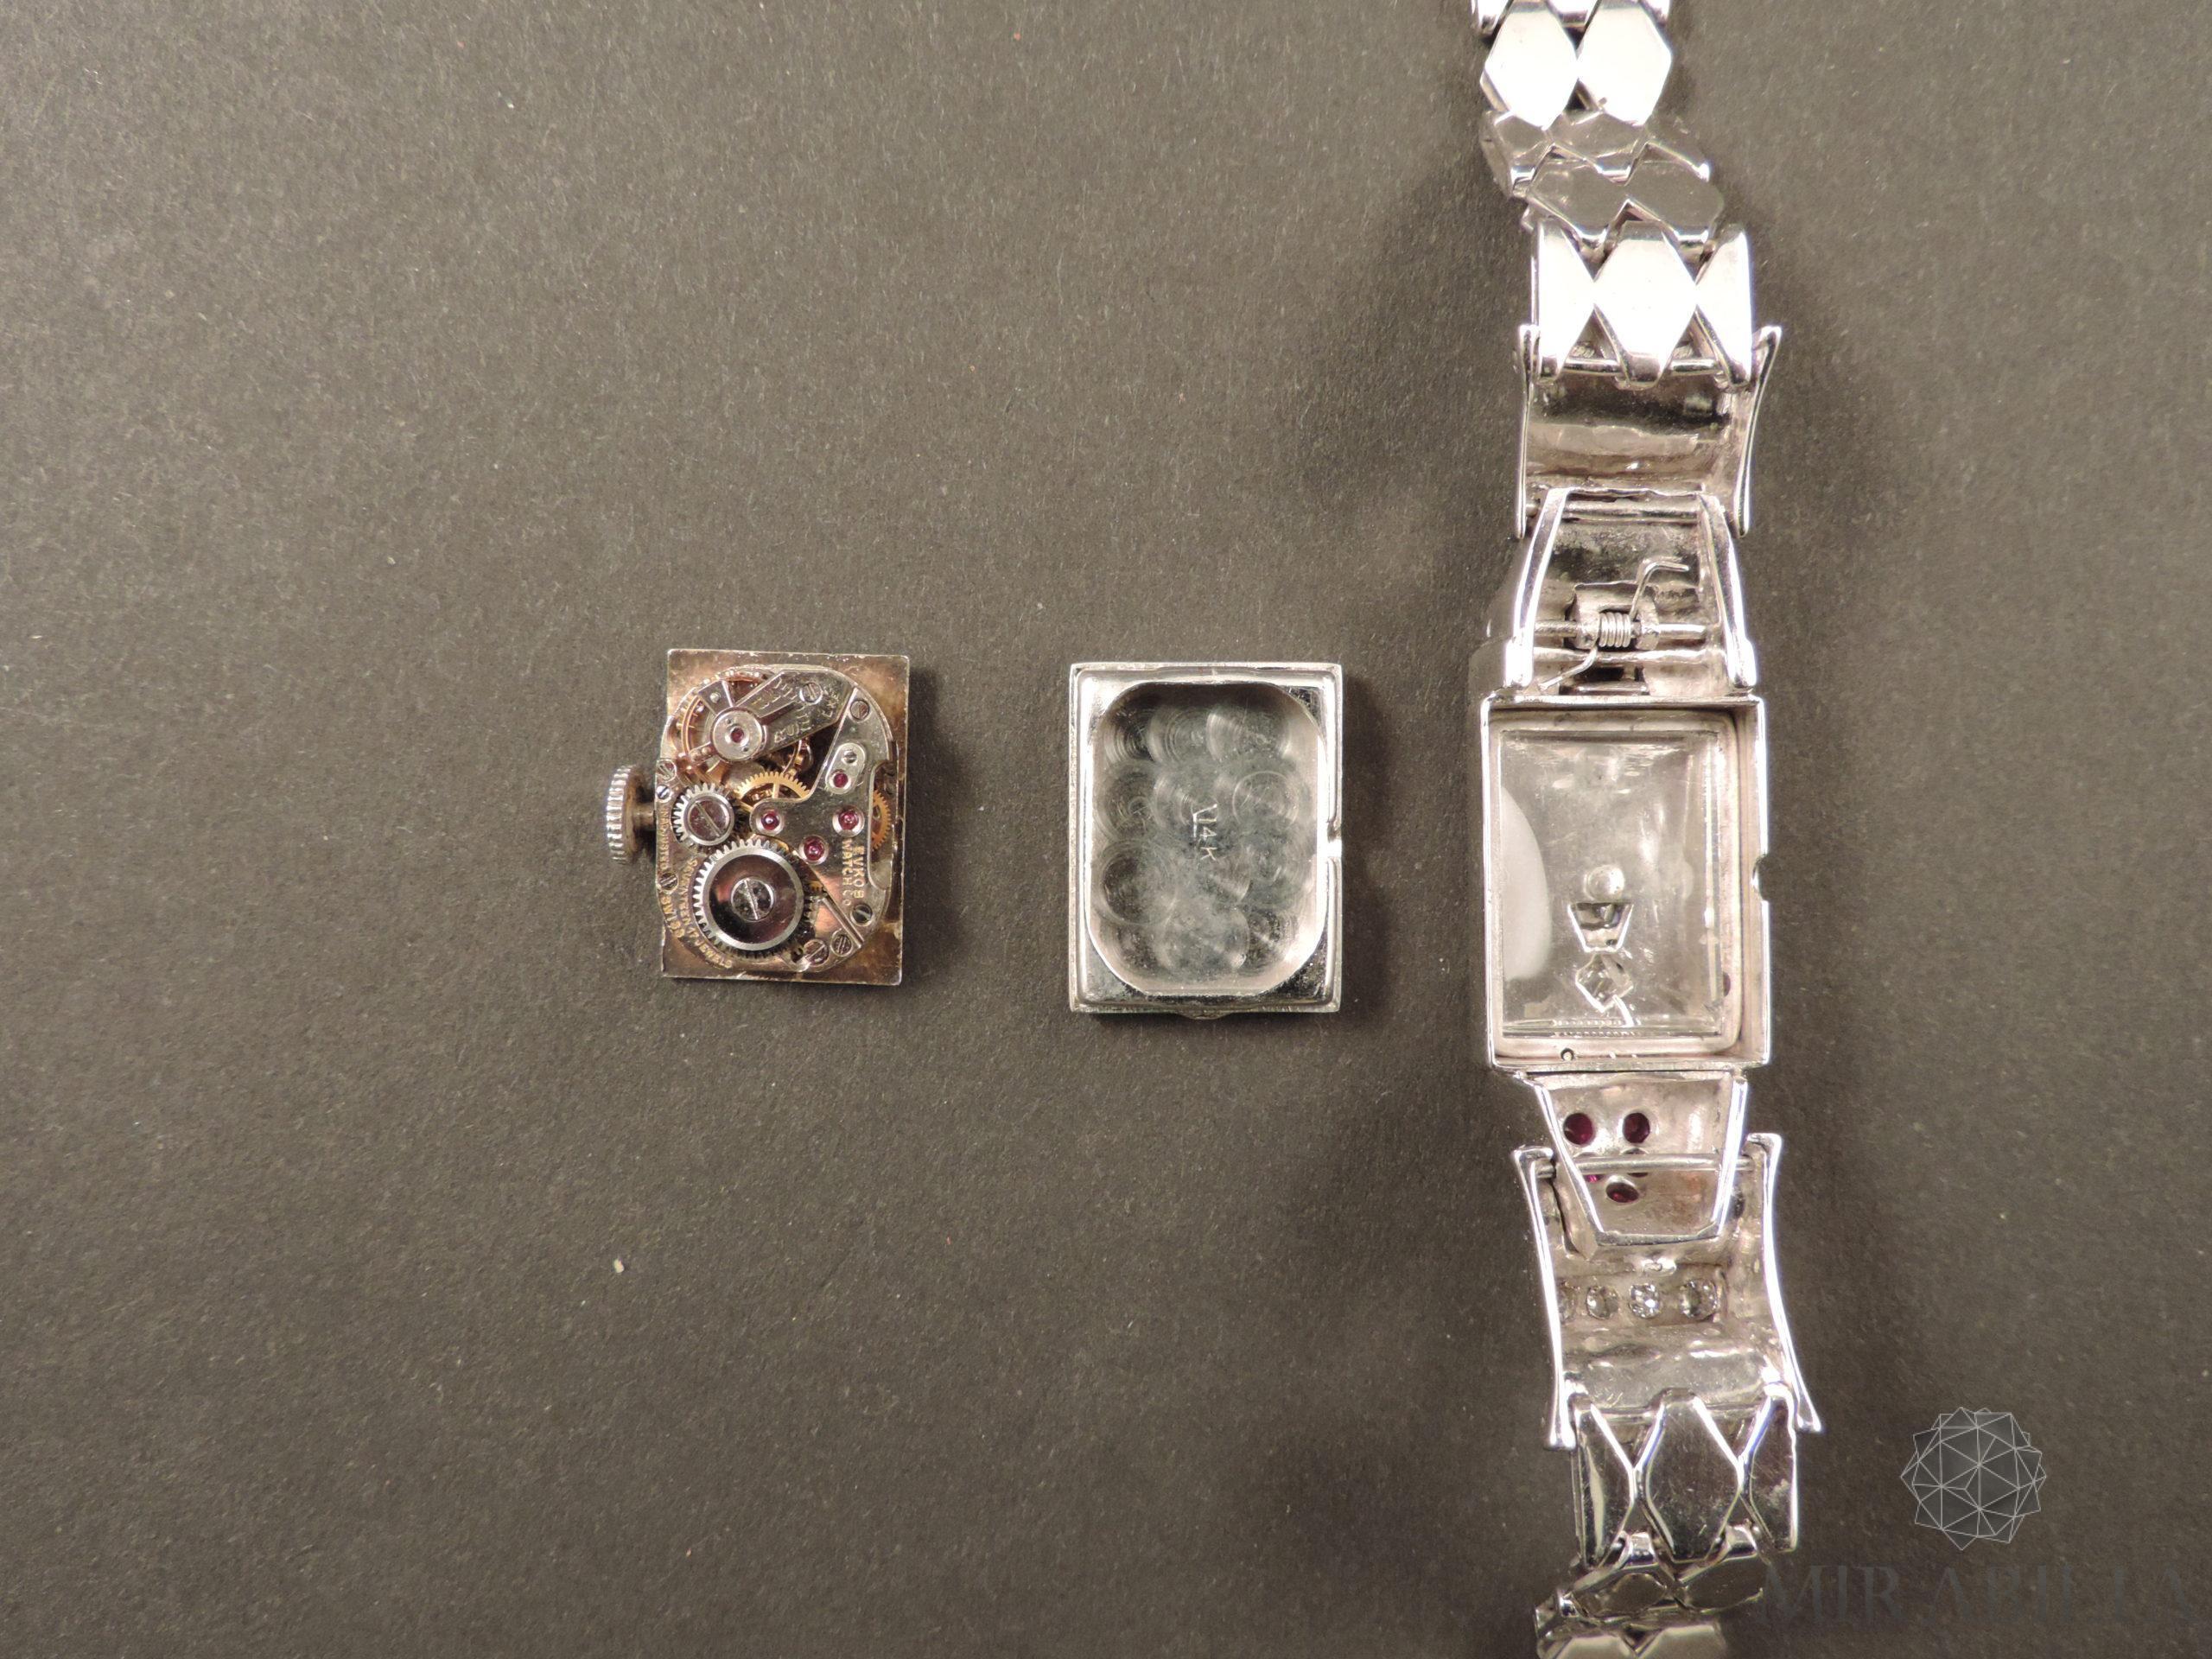 Orologio gioiello Lo Ros in oro bianco, rubini e diamanti Art Déco (Interno)